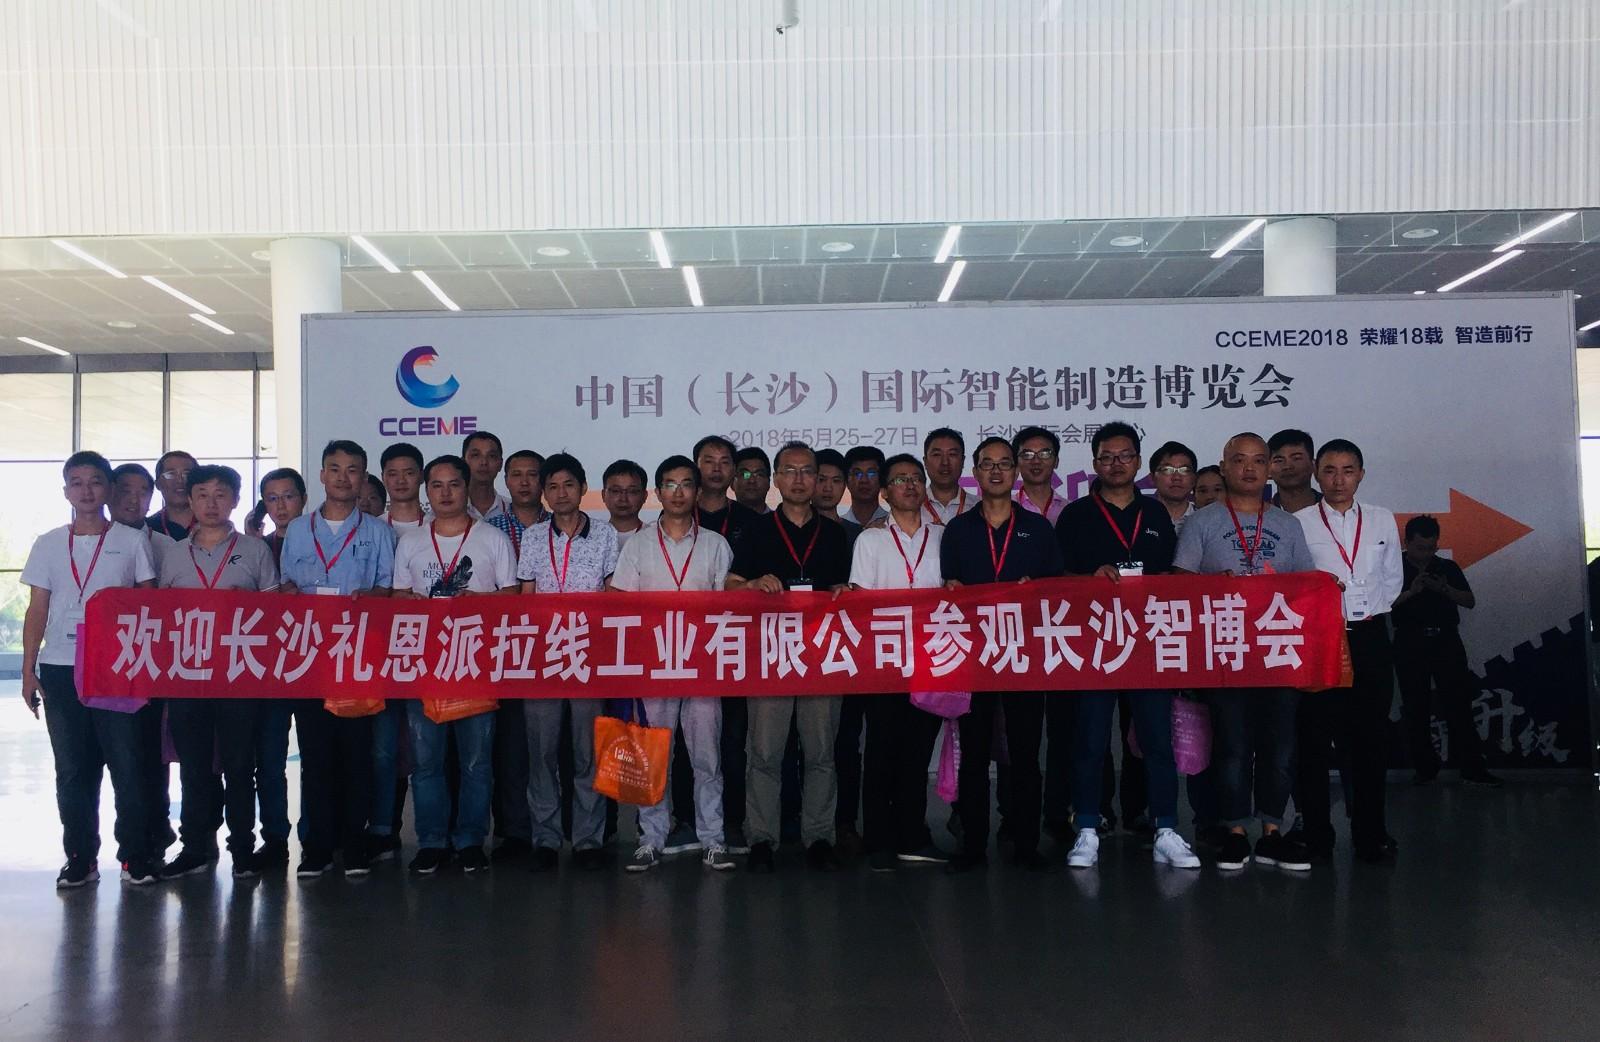 长沙礼恩派拉线工业有限公司 生产部经理  谢元泉